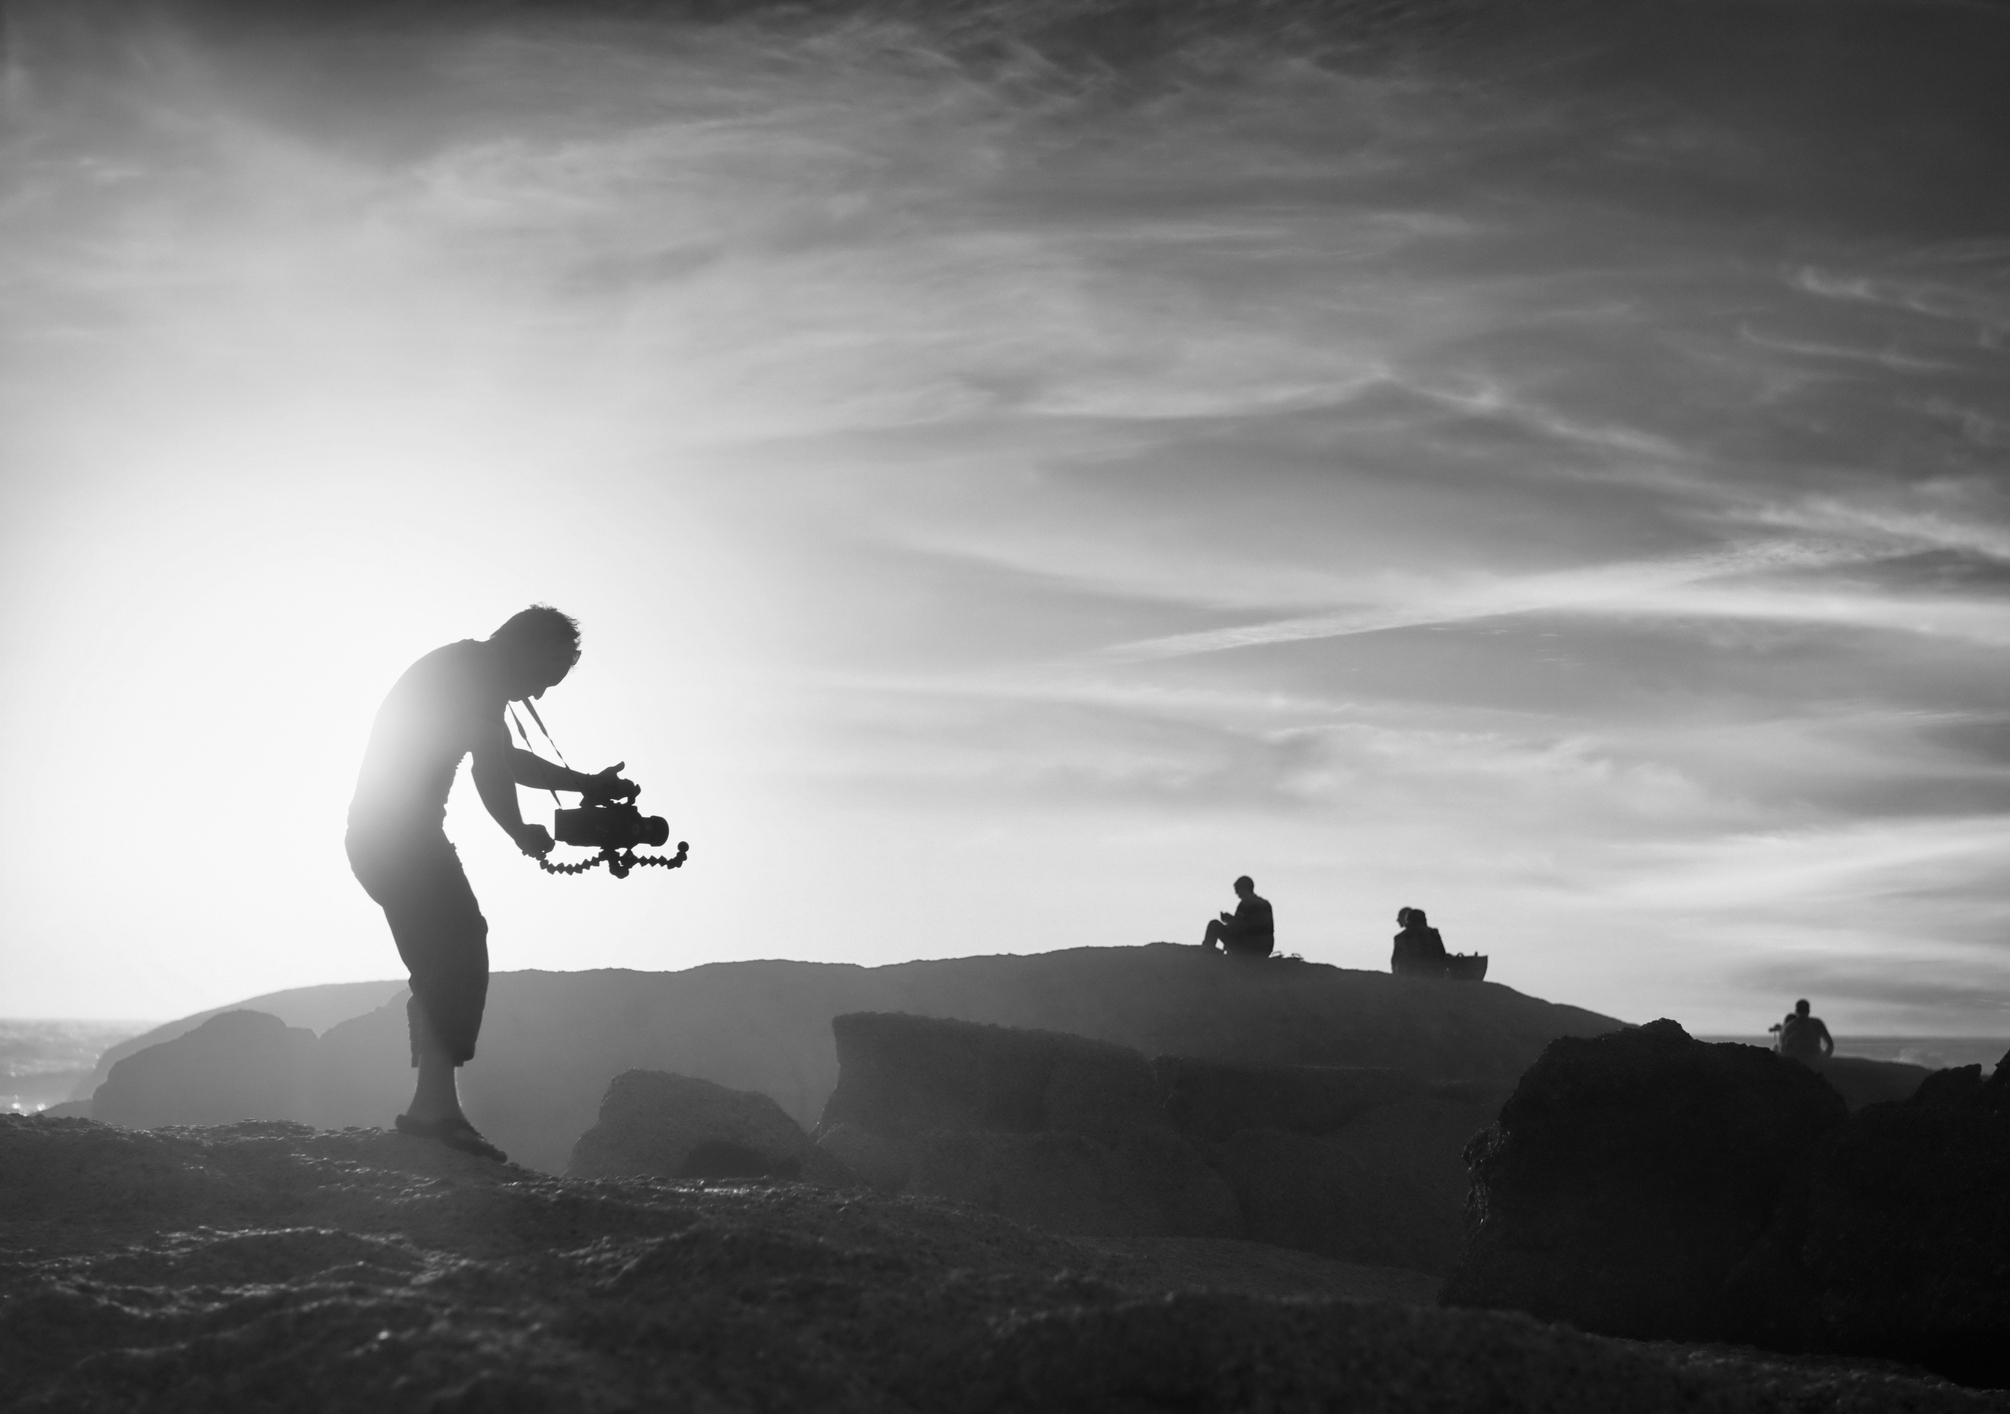 Homem grava conteúdo com storytelling em vídeo em uma paisagem